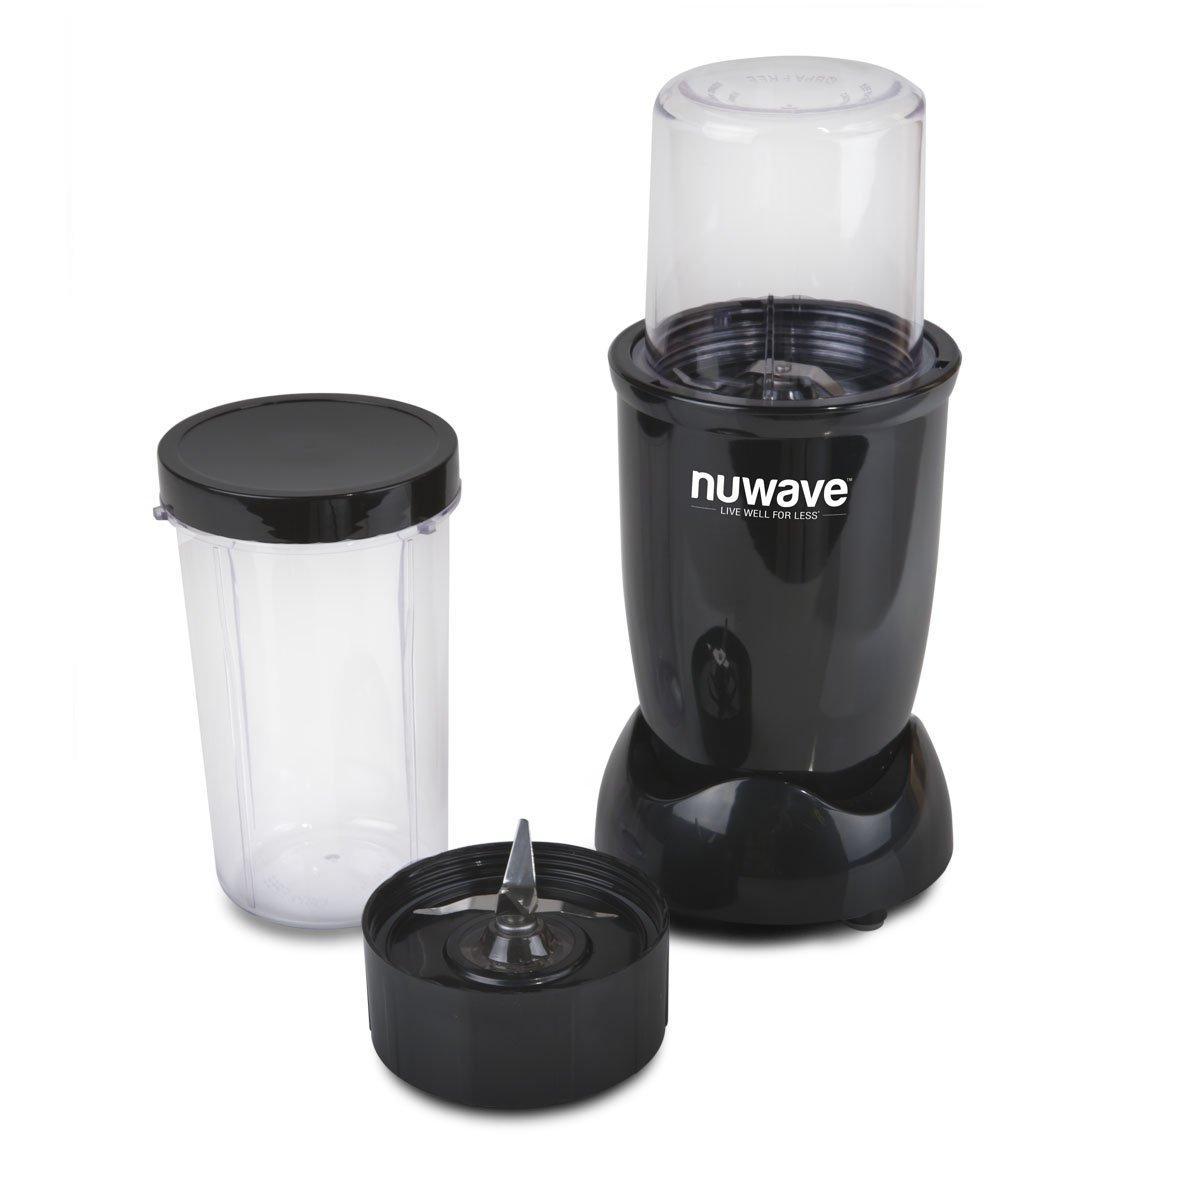 NuWave 22093 Twister Blender, Black